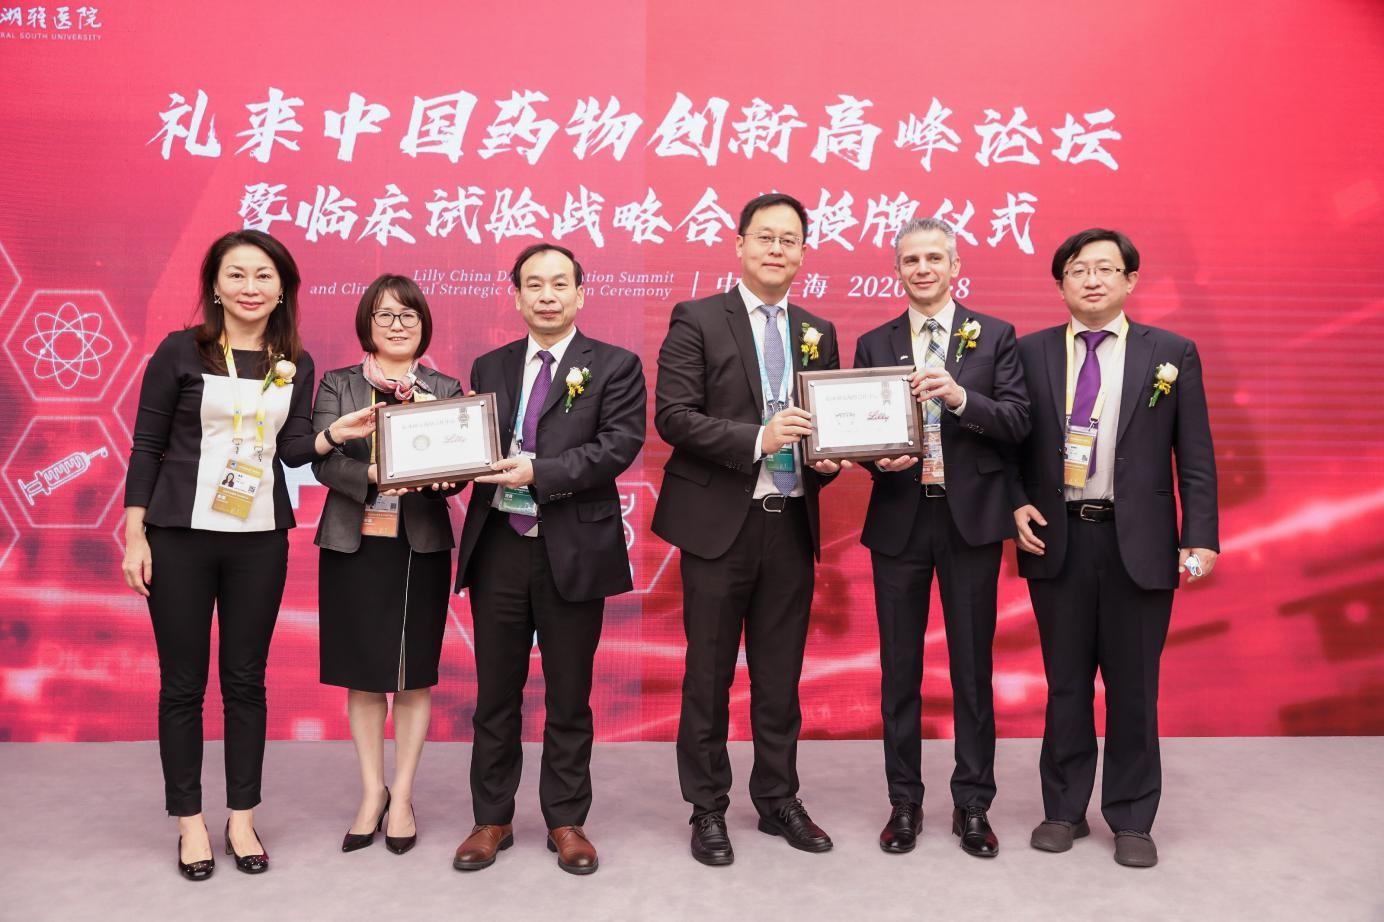 礼来与华西、湘雅达成临床研究战略合作,助力中国临床试验生态系统升级